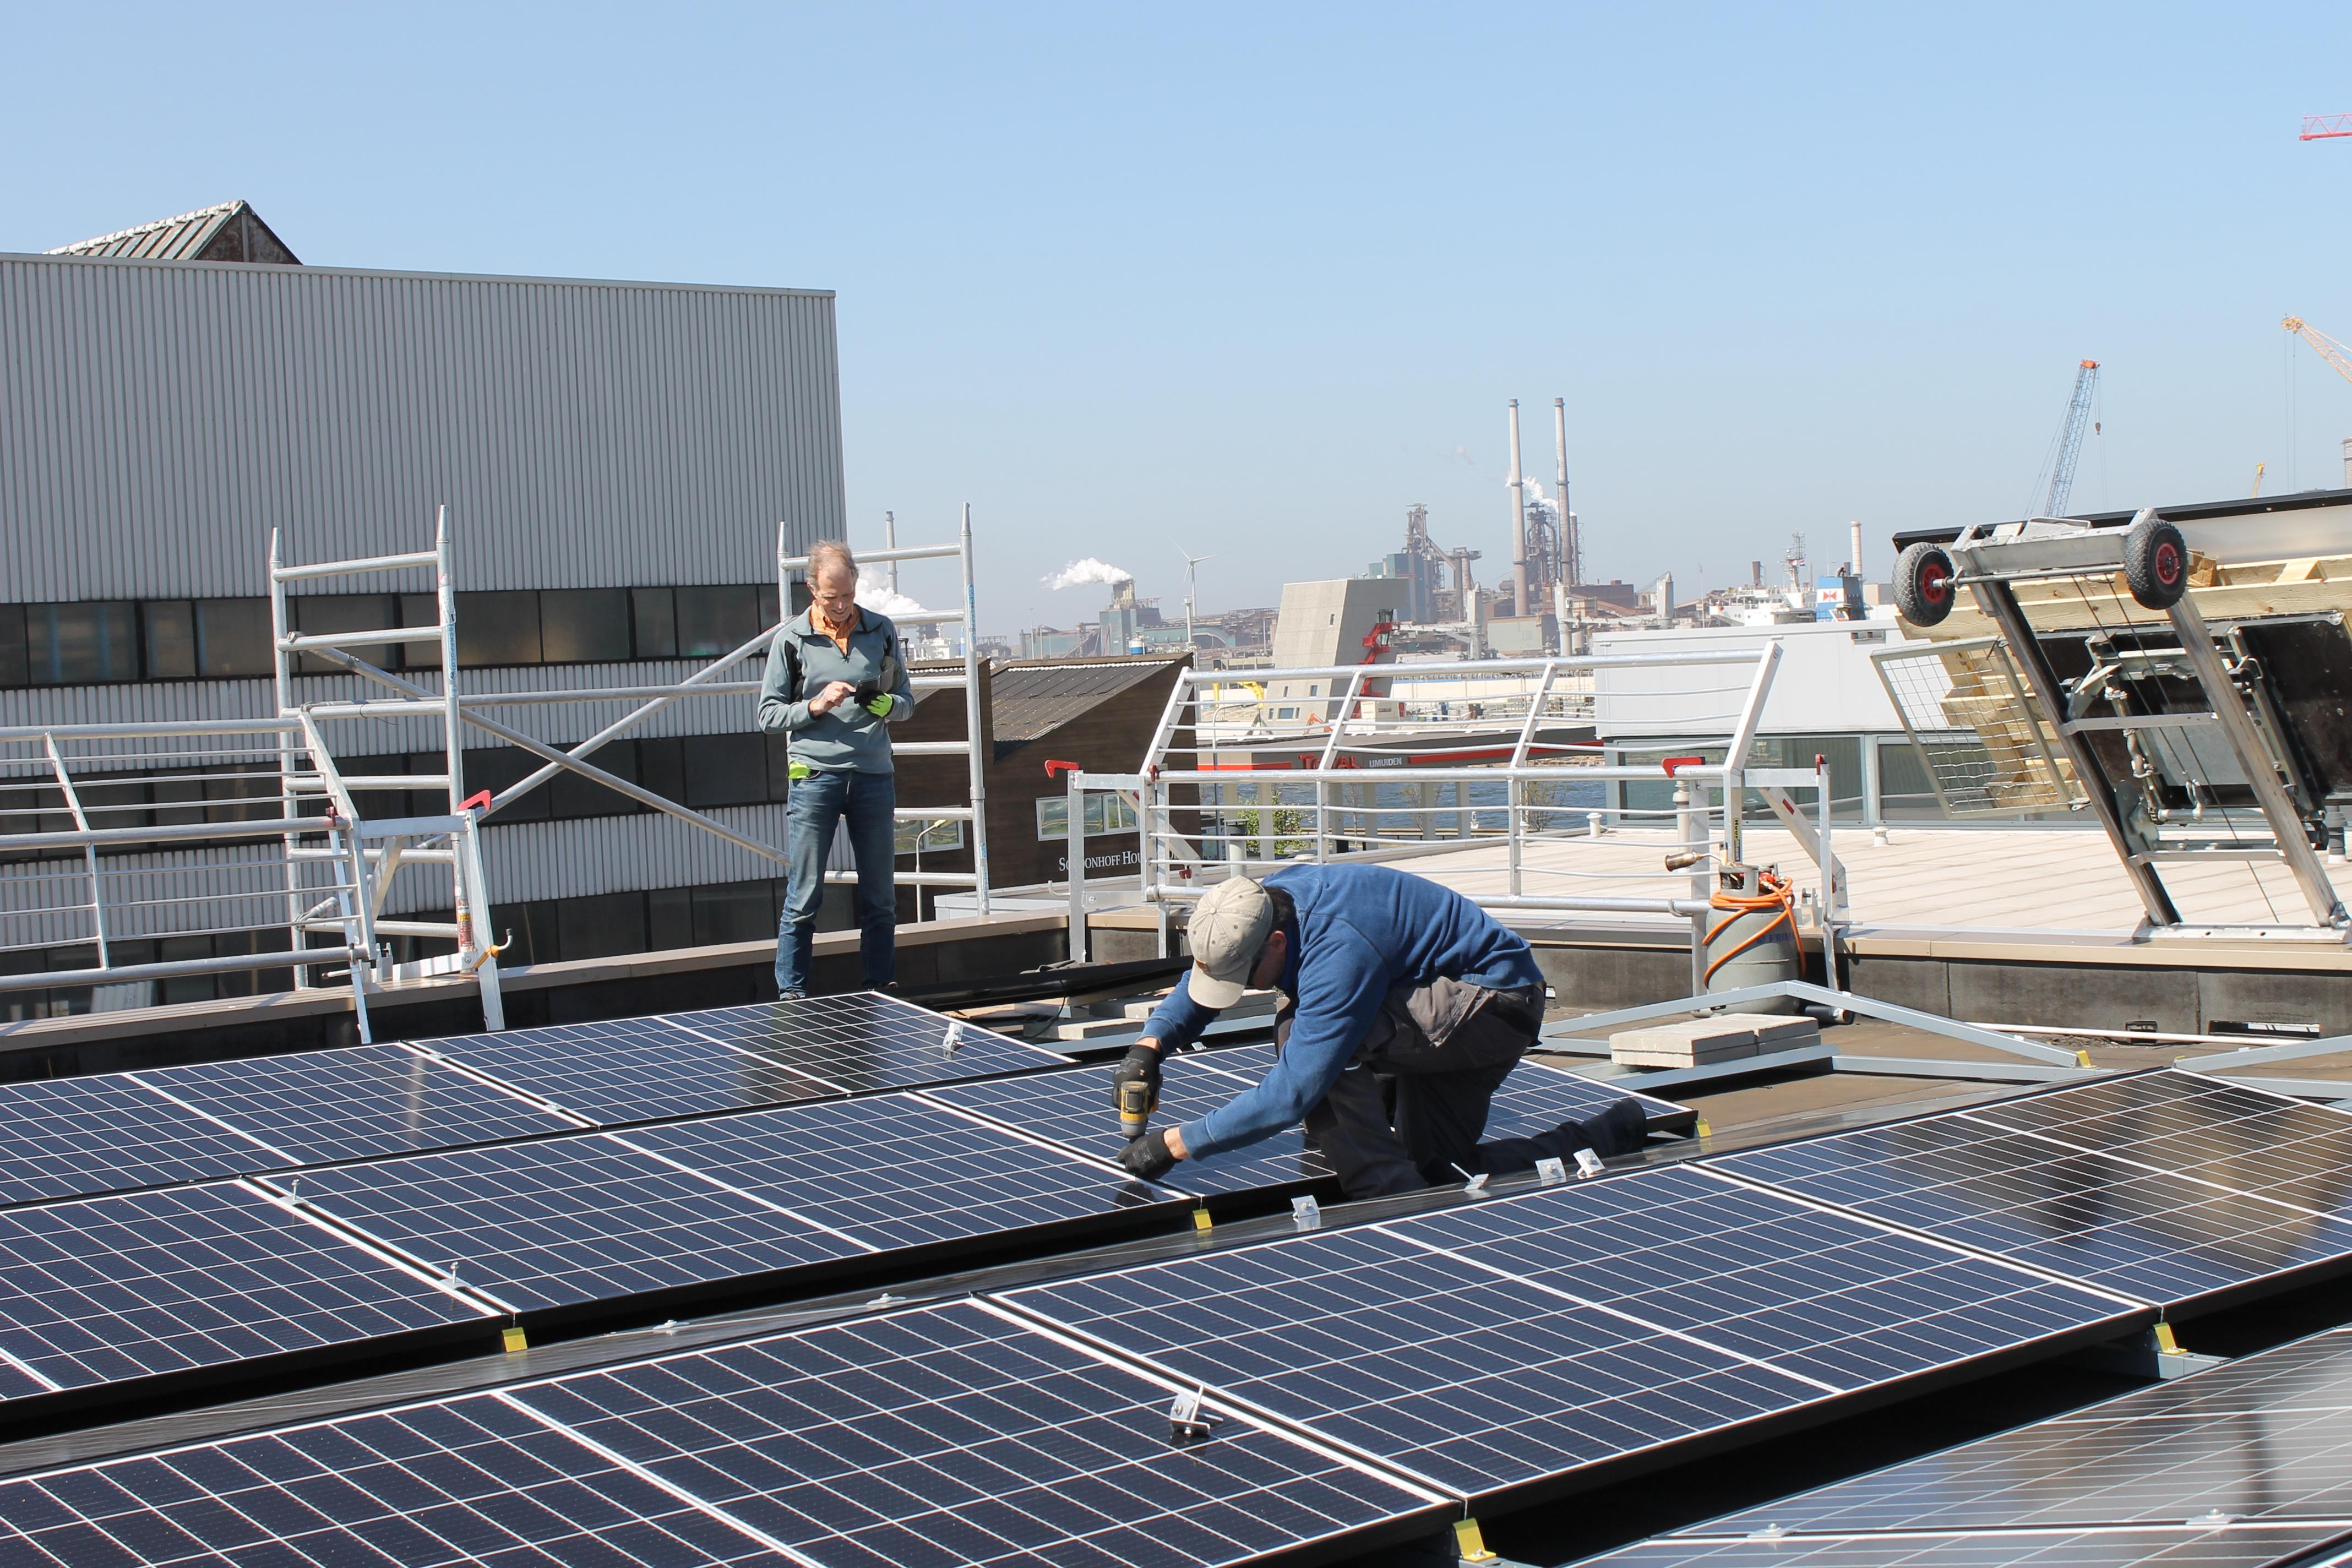 Laat de zon maar komen op het dak van garage Stormvogels in IJmuiden